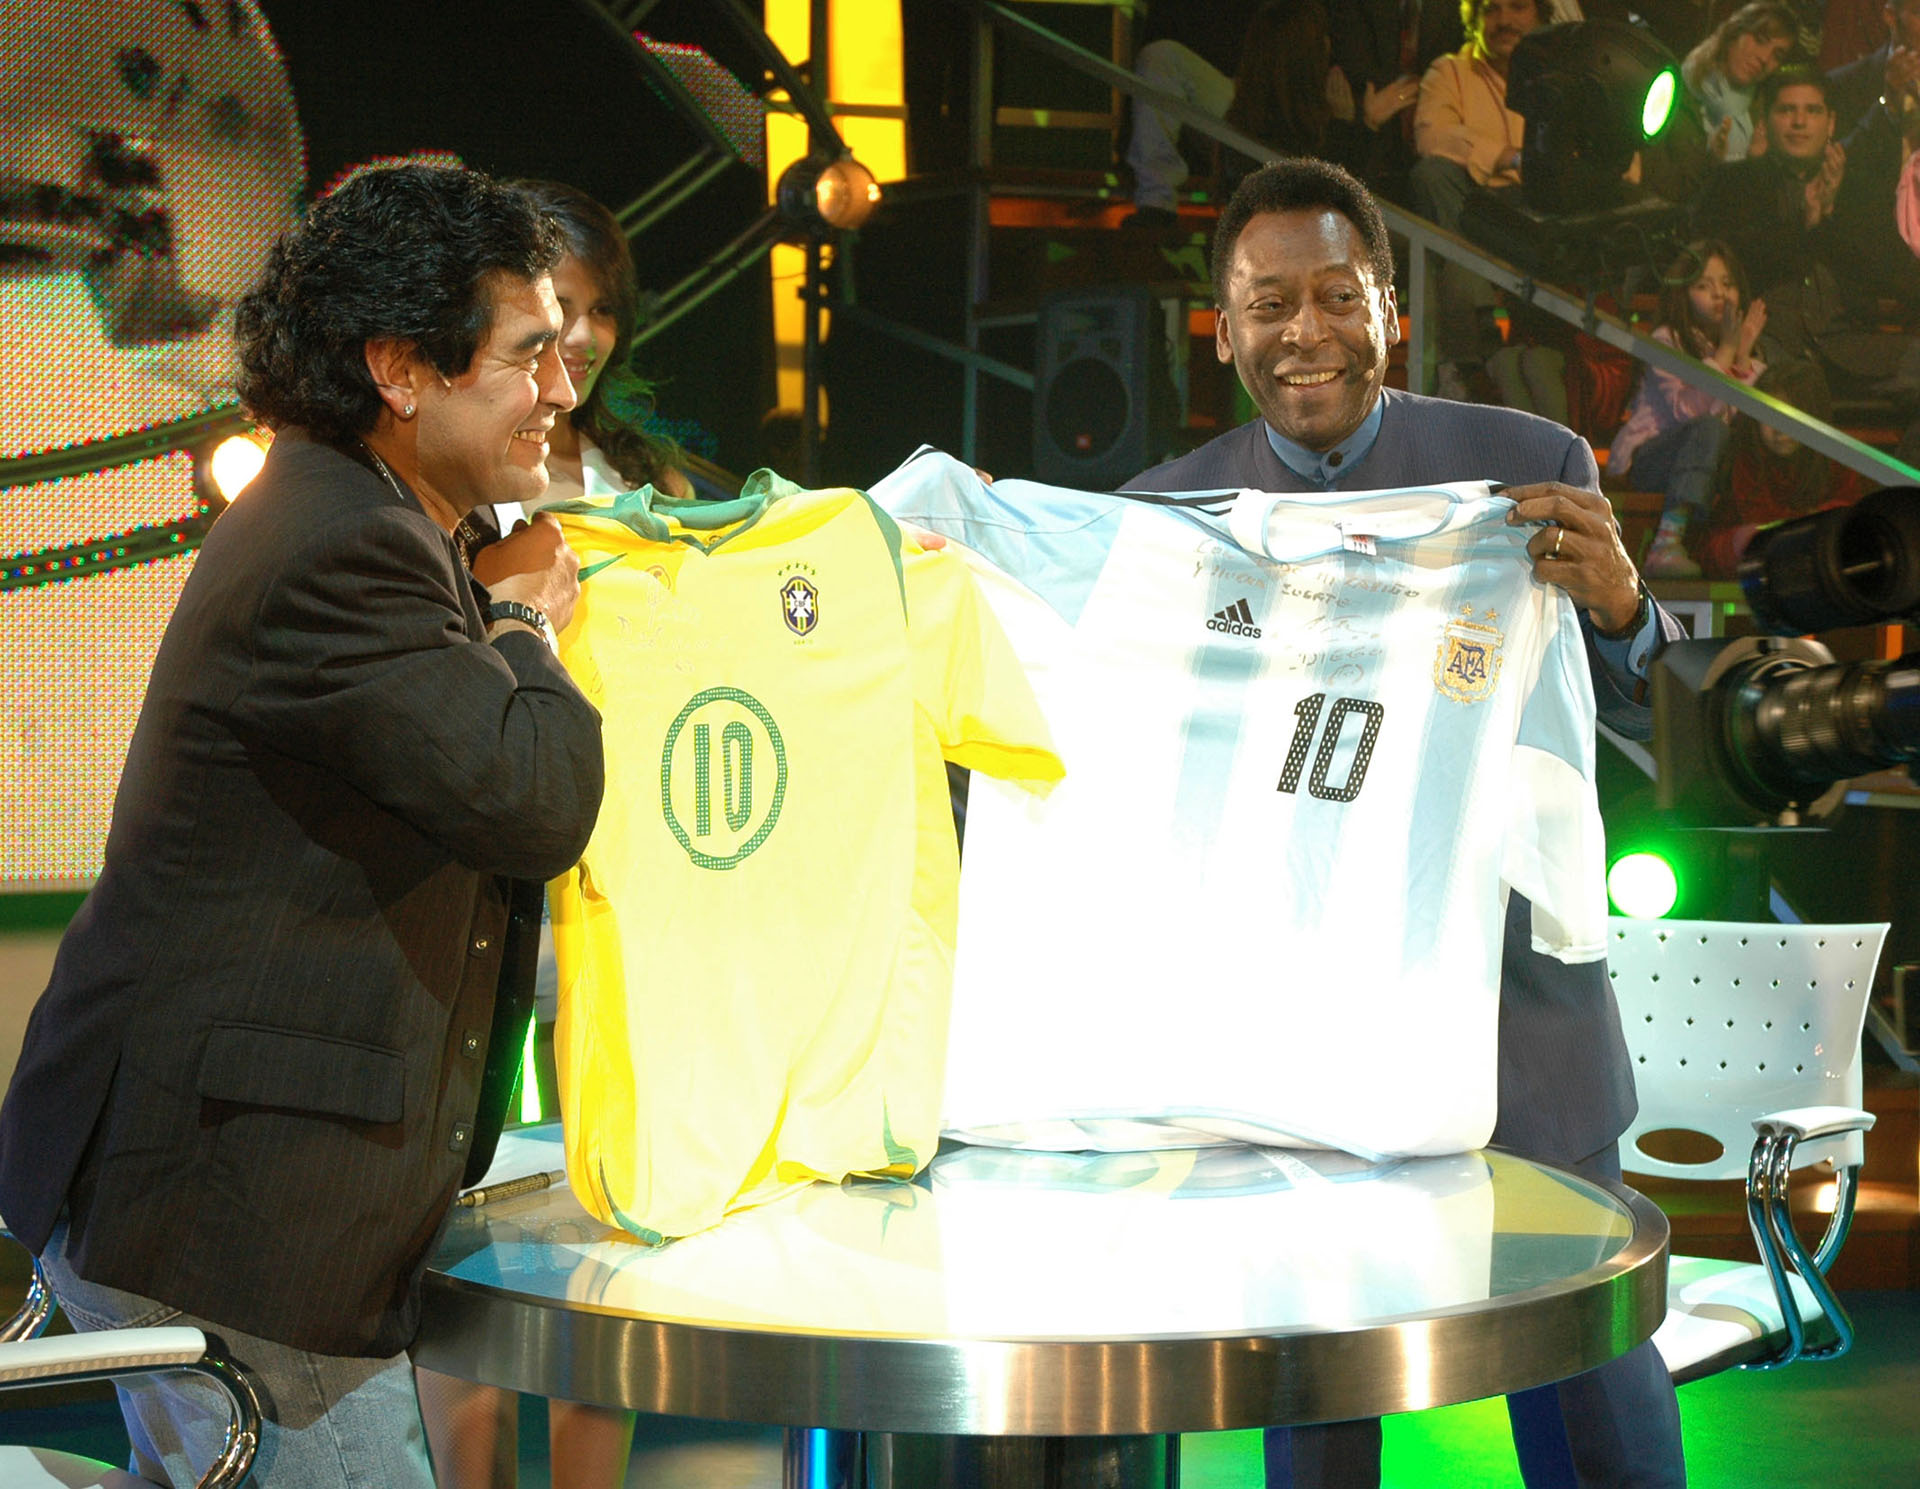 """Diego Maradona, en su debut televisivo en """"La Noche del 10"""", junto a Pele"""